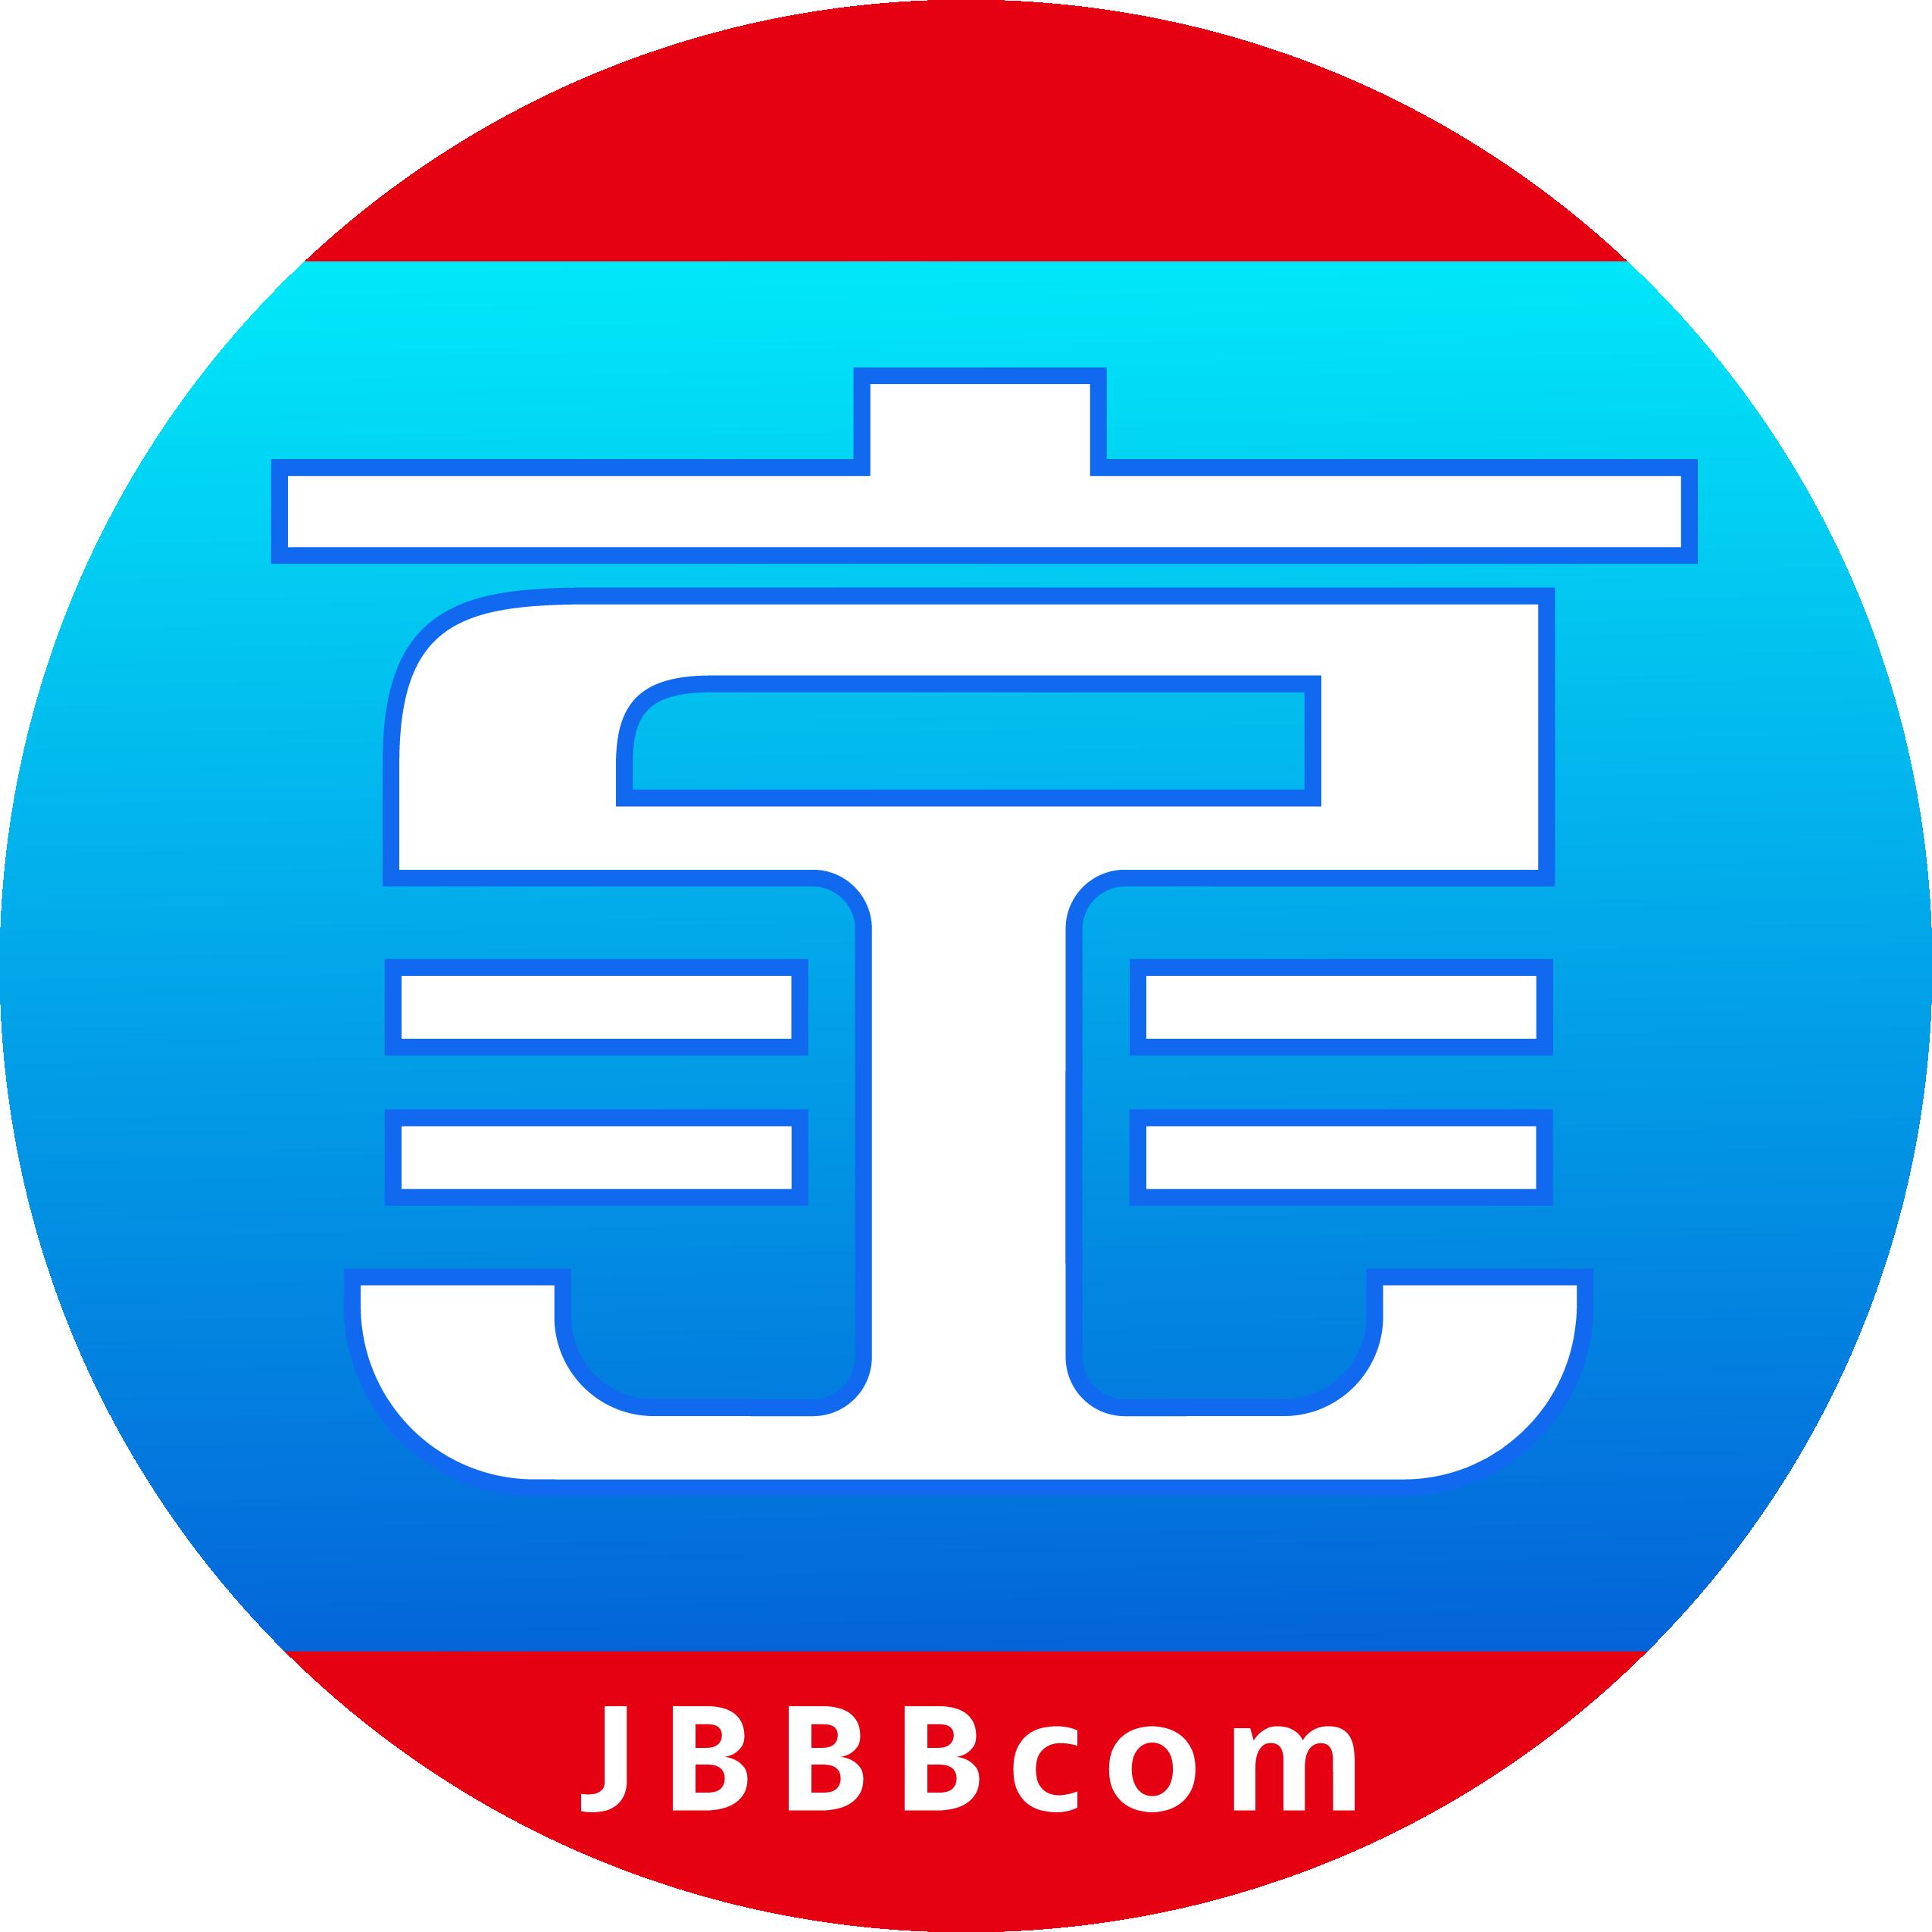 京宝巴巴app安卓版v4.0.0 最新版